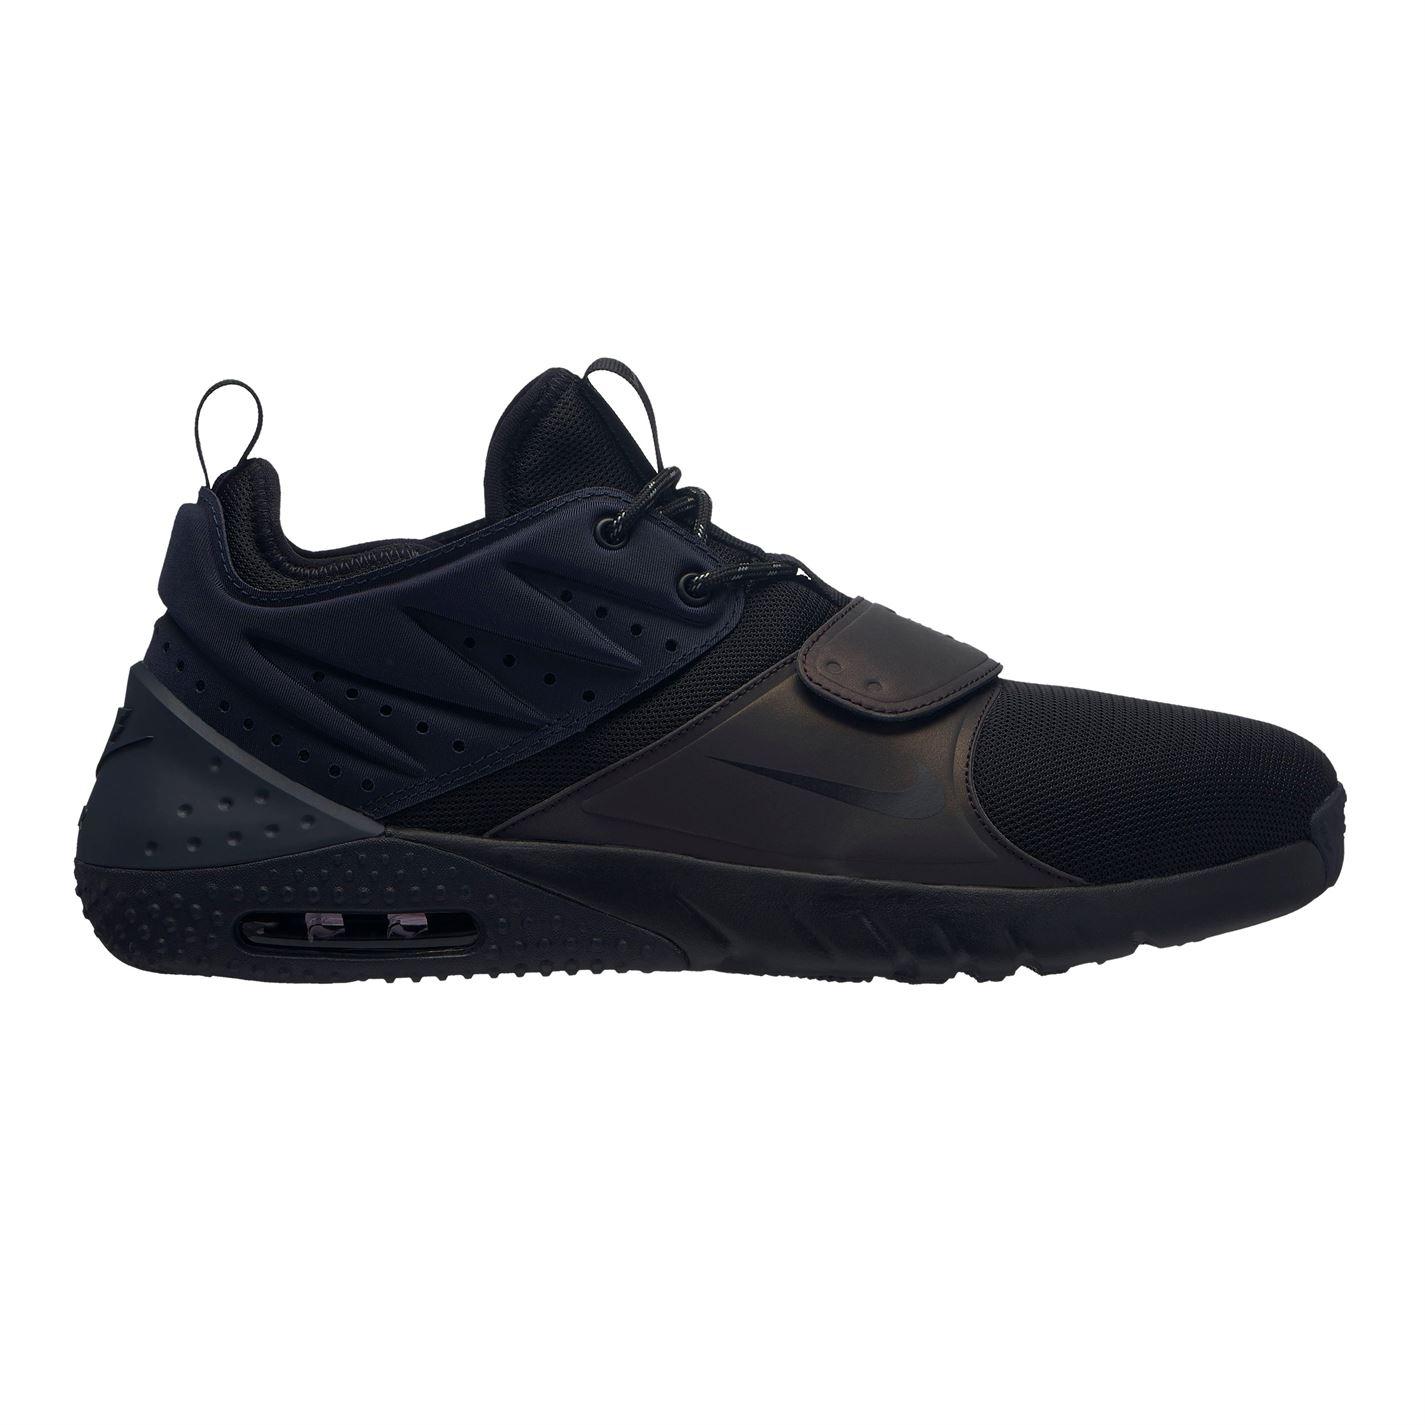 boty Nike Dual Fusion II pánské Training Shoes